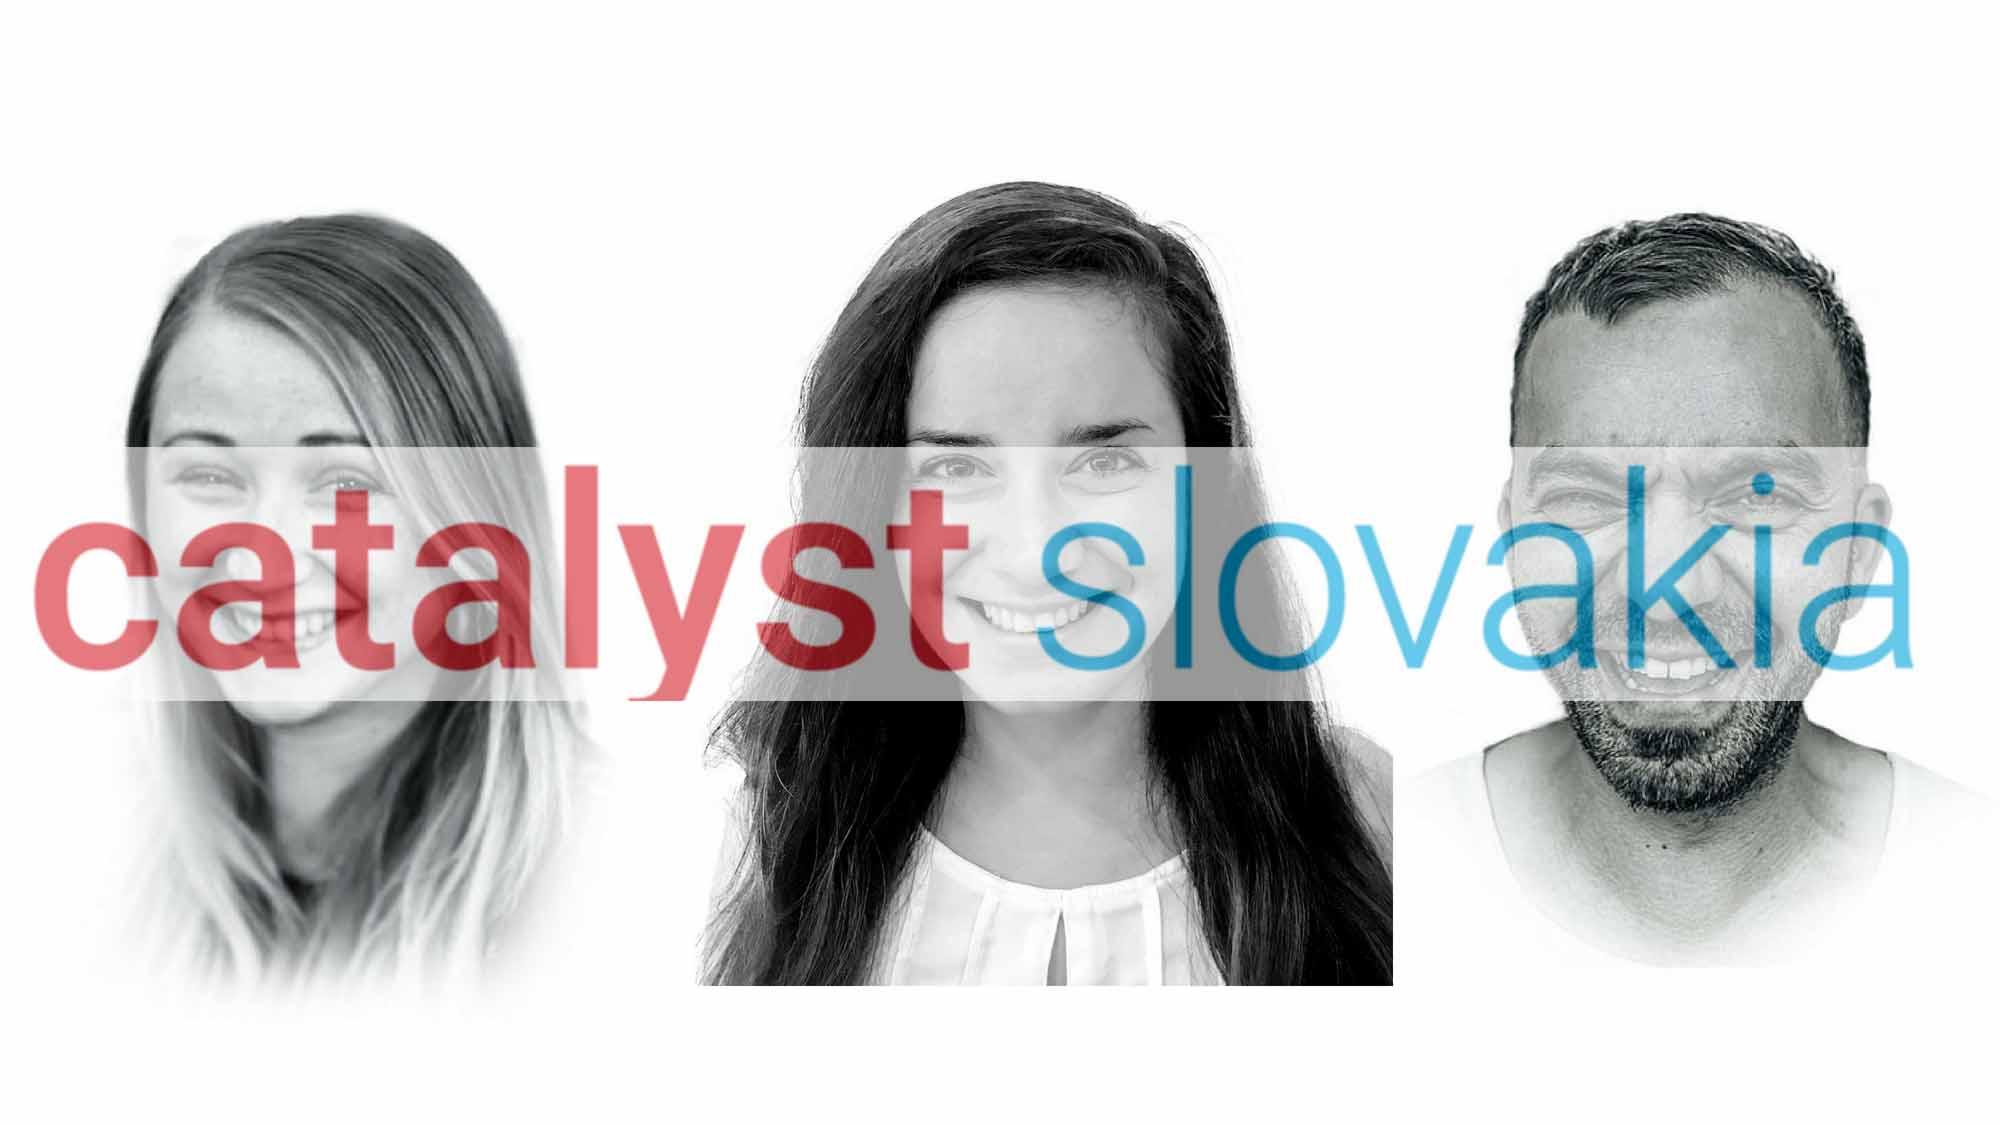 Extraordinary catalyst slovakia